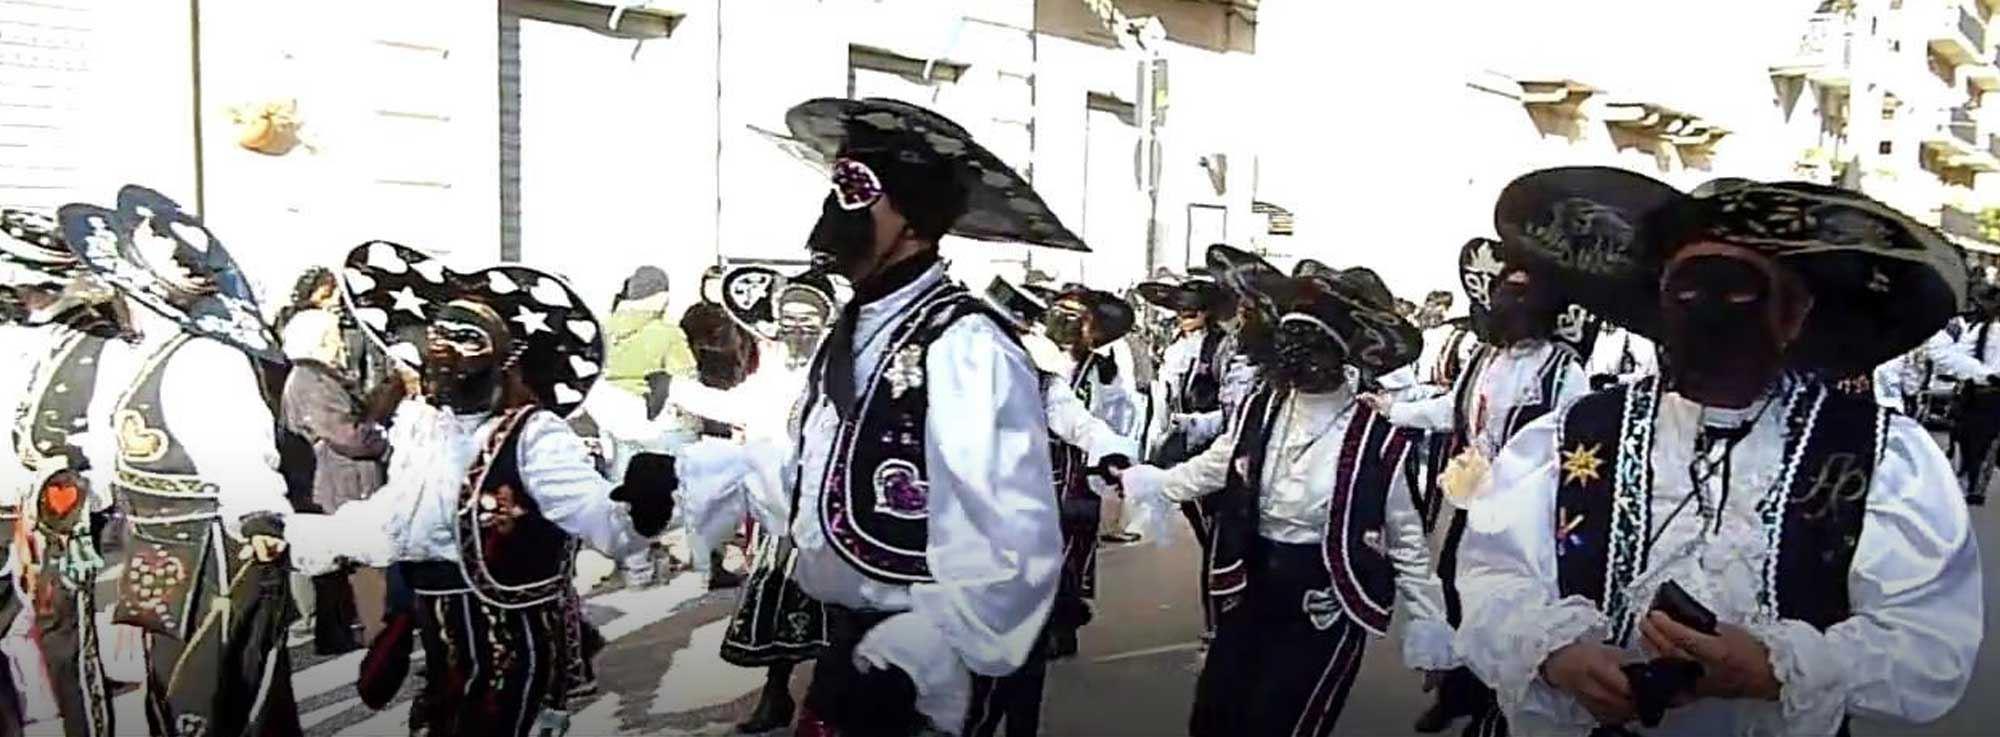 Corato: Carnevale Coratino 2017